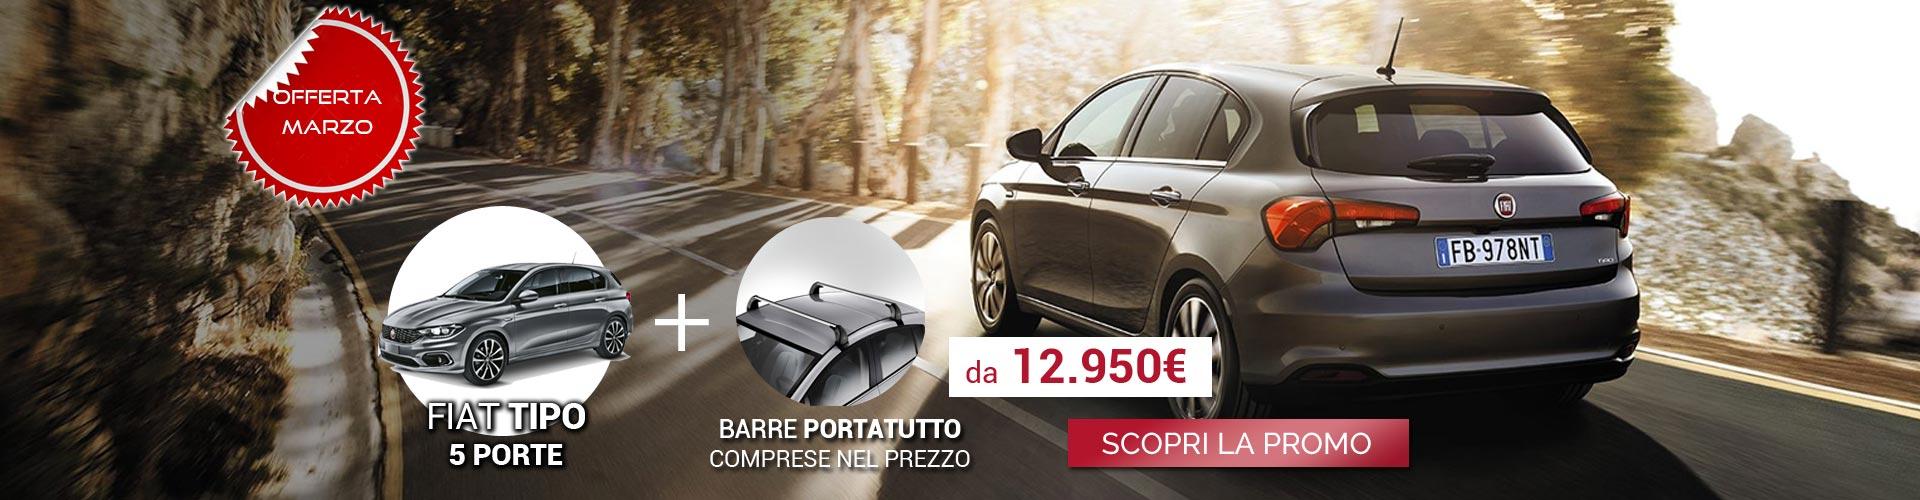 Fiat Tipo 5 porte + barre portatutto